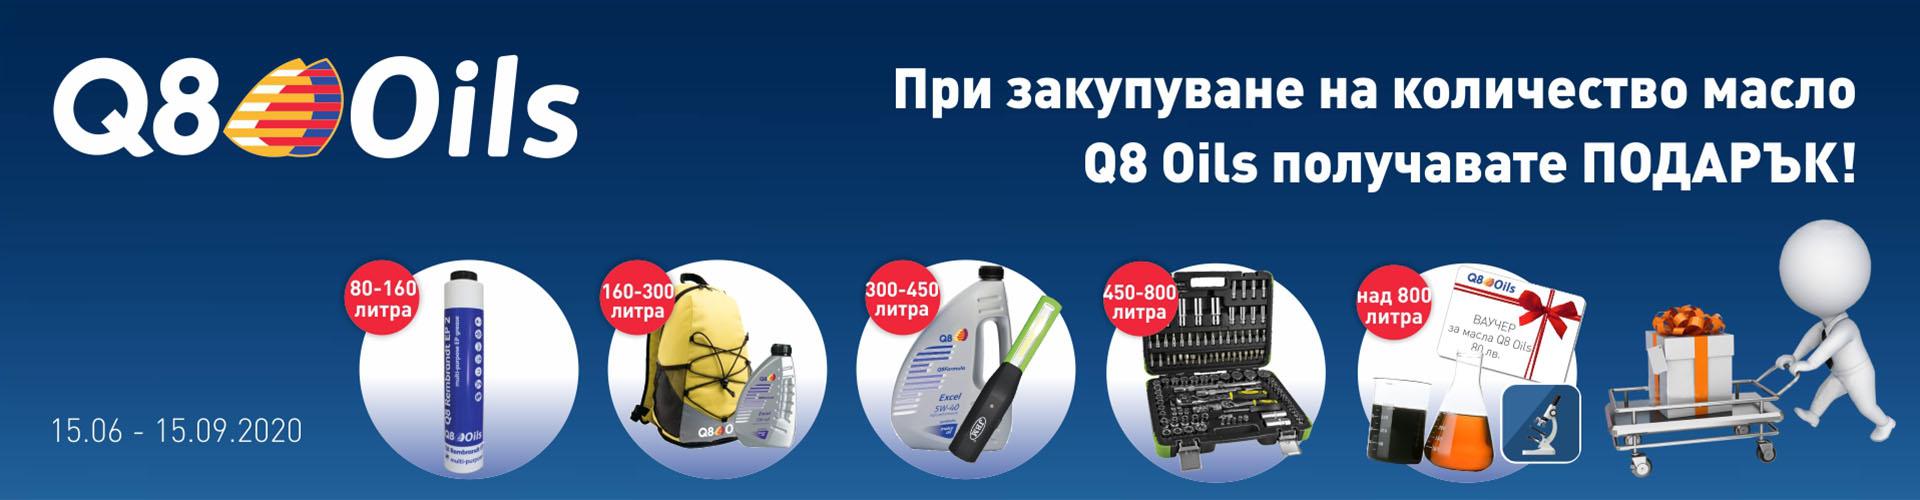 promo_q8_oils_15.06.2020-15.09.2020_banner.jpg